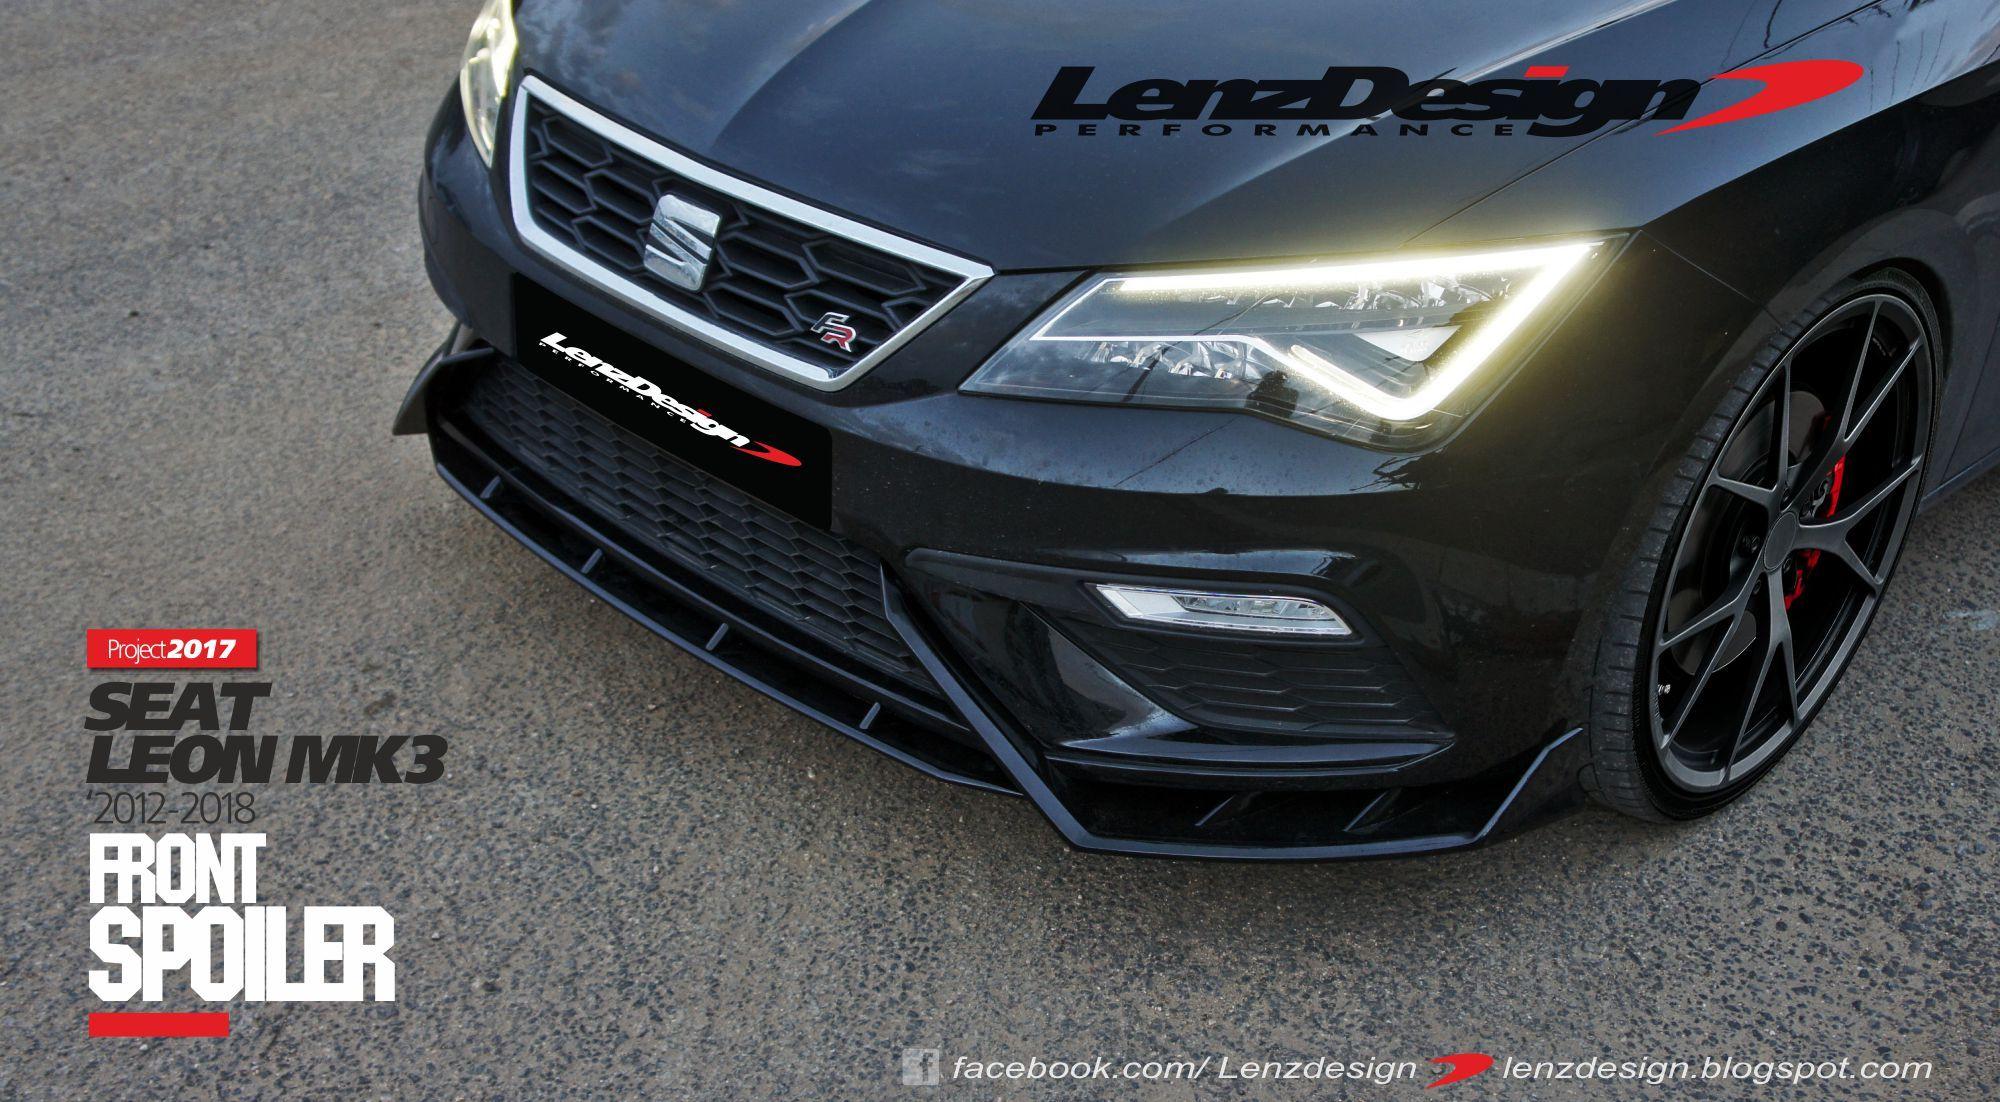 Pin Von Lenzdesign Bodykits Snorkels Auf Seat Leon Mk3 5f Lenzdesign Bodykit 2012 2019